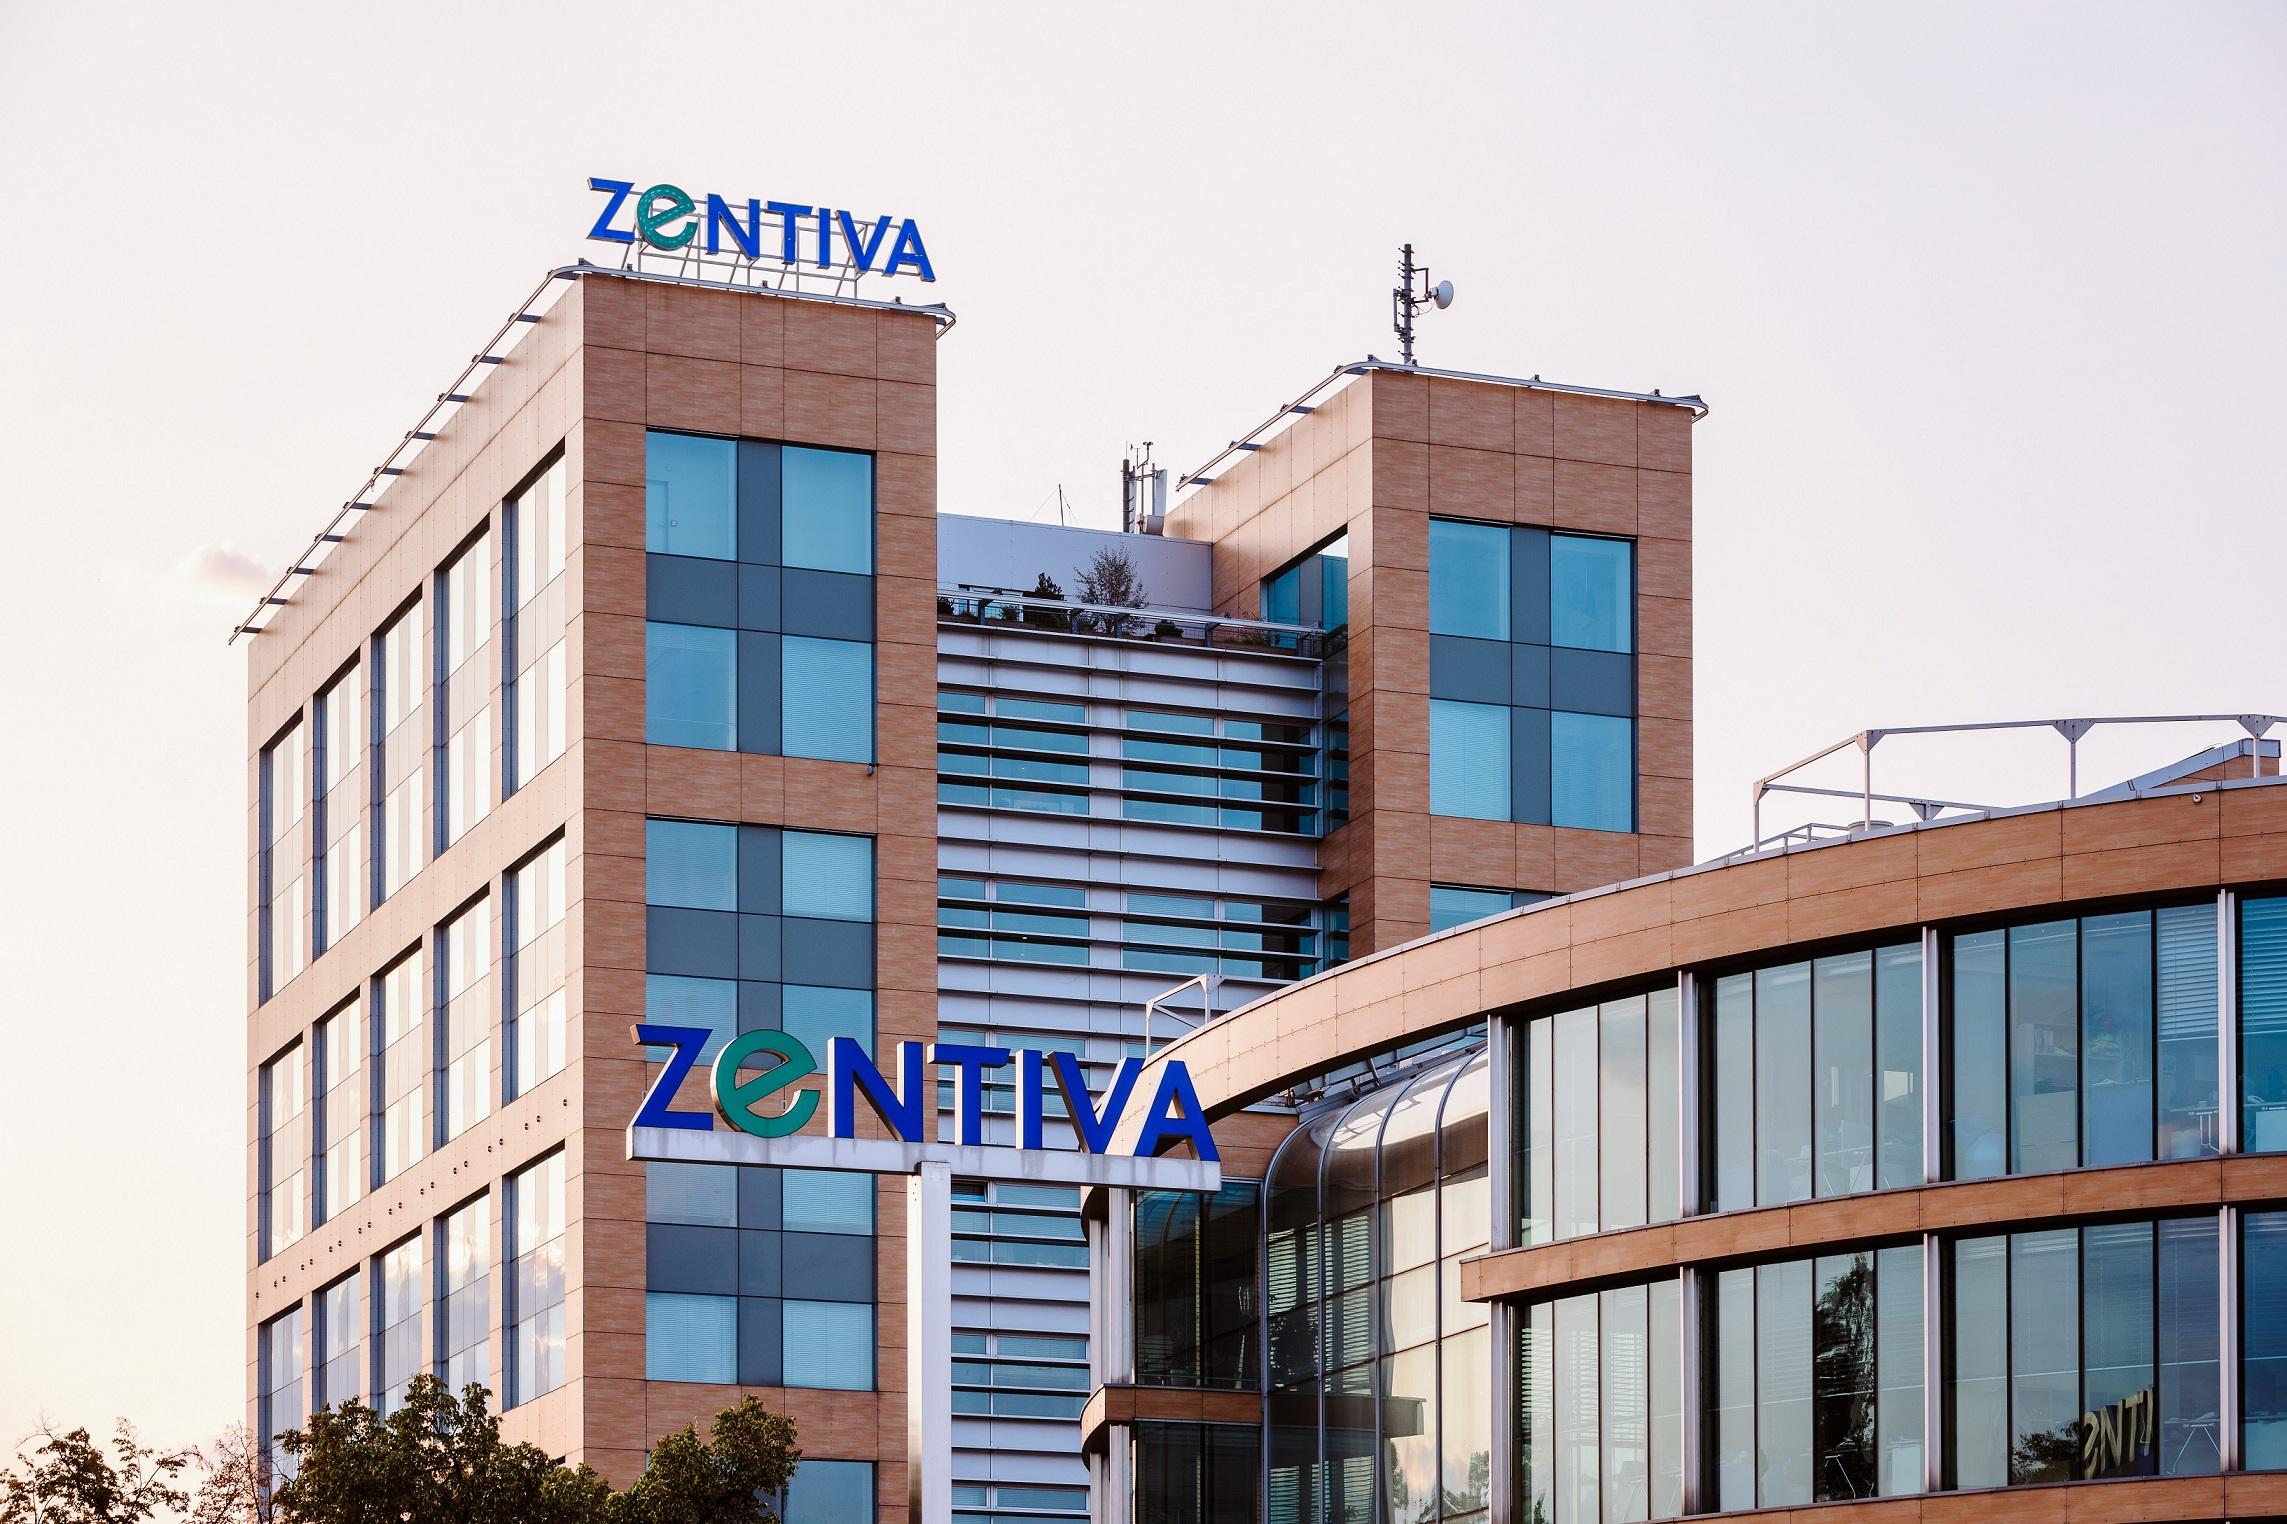 Compania Zentiva a primit Premiul pentru Achiziția Anului în Zona EMEA în cadrul GGB Awards